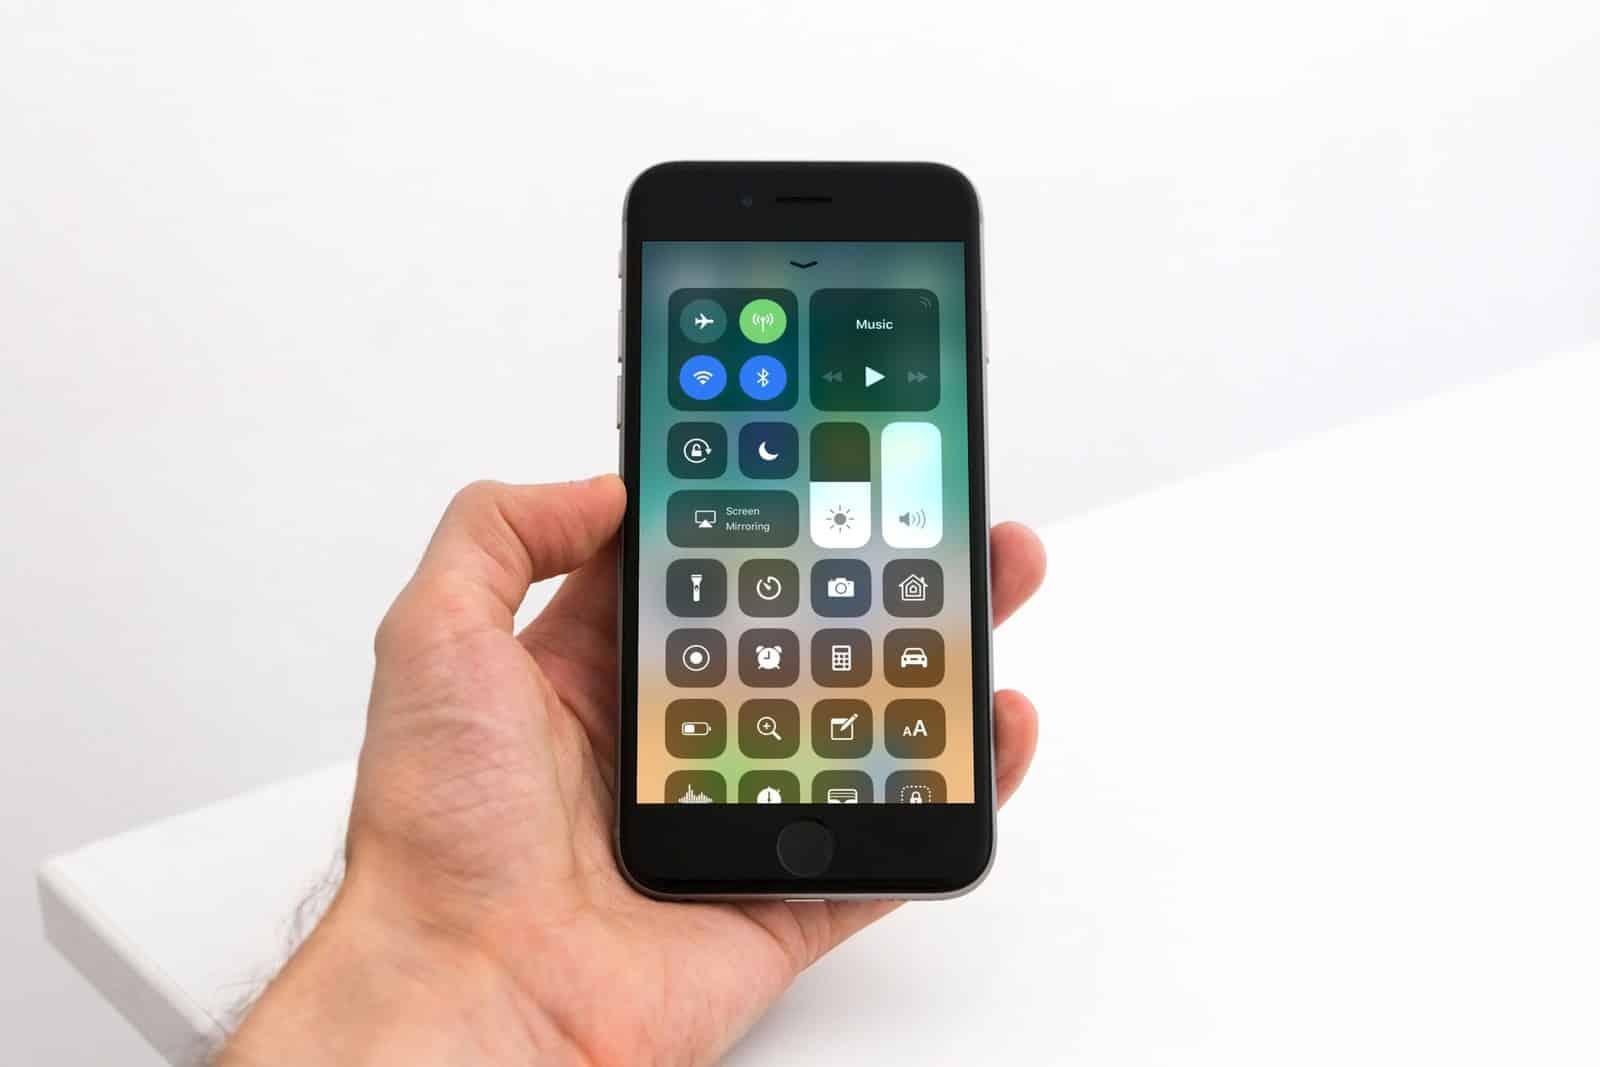 Cómo desactivar el centro de control del iPhone